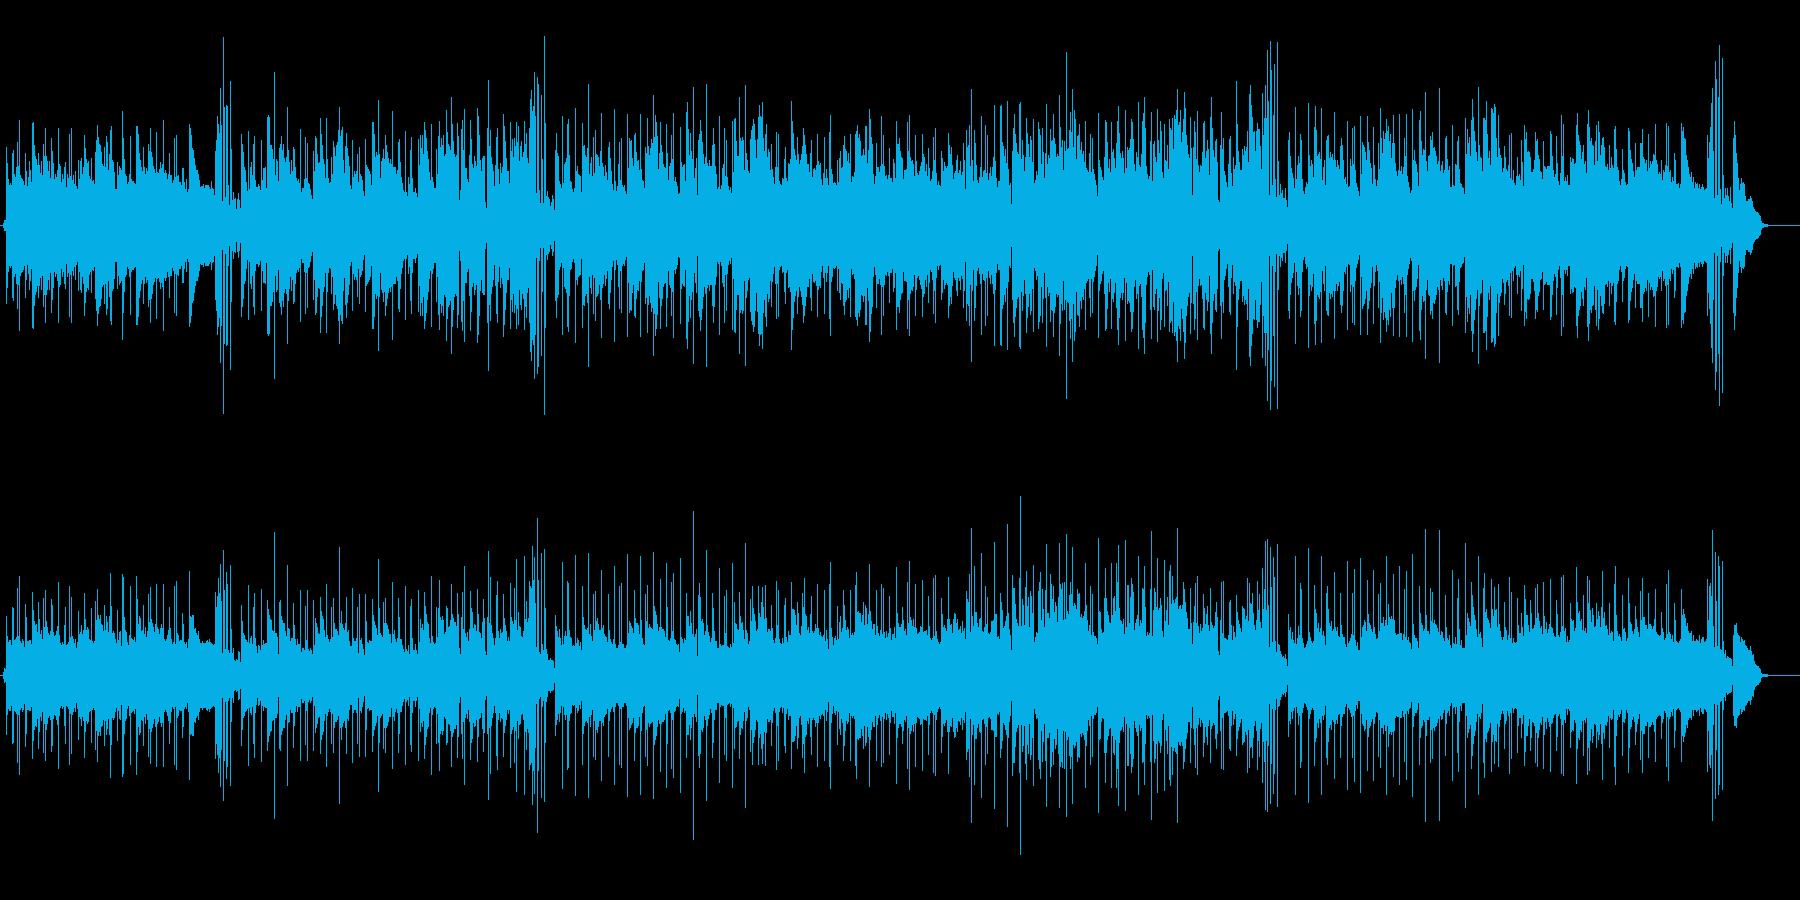 アダルト・オリエンテッド風バラードの再生済みの波形